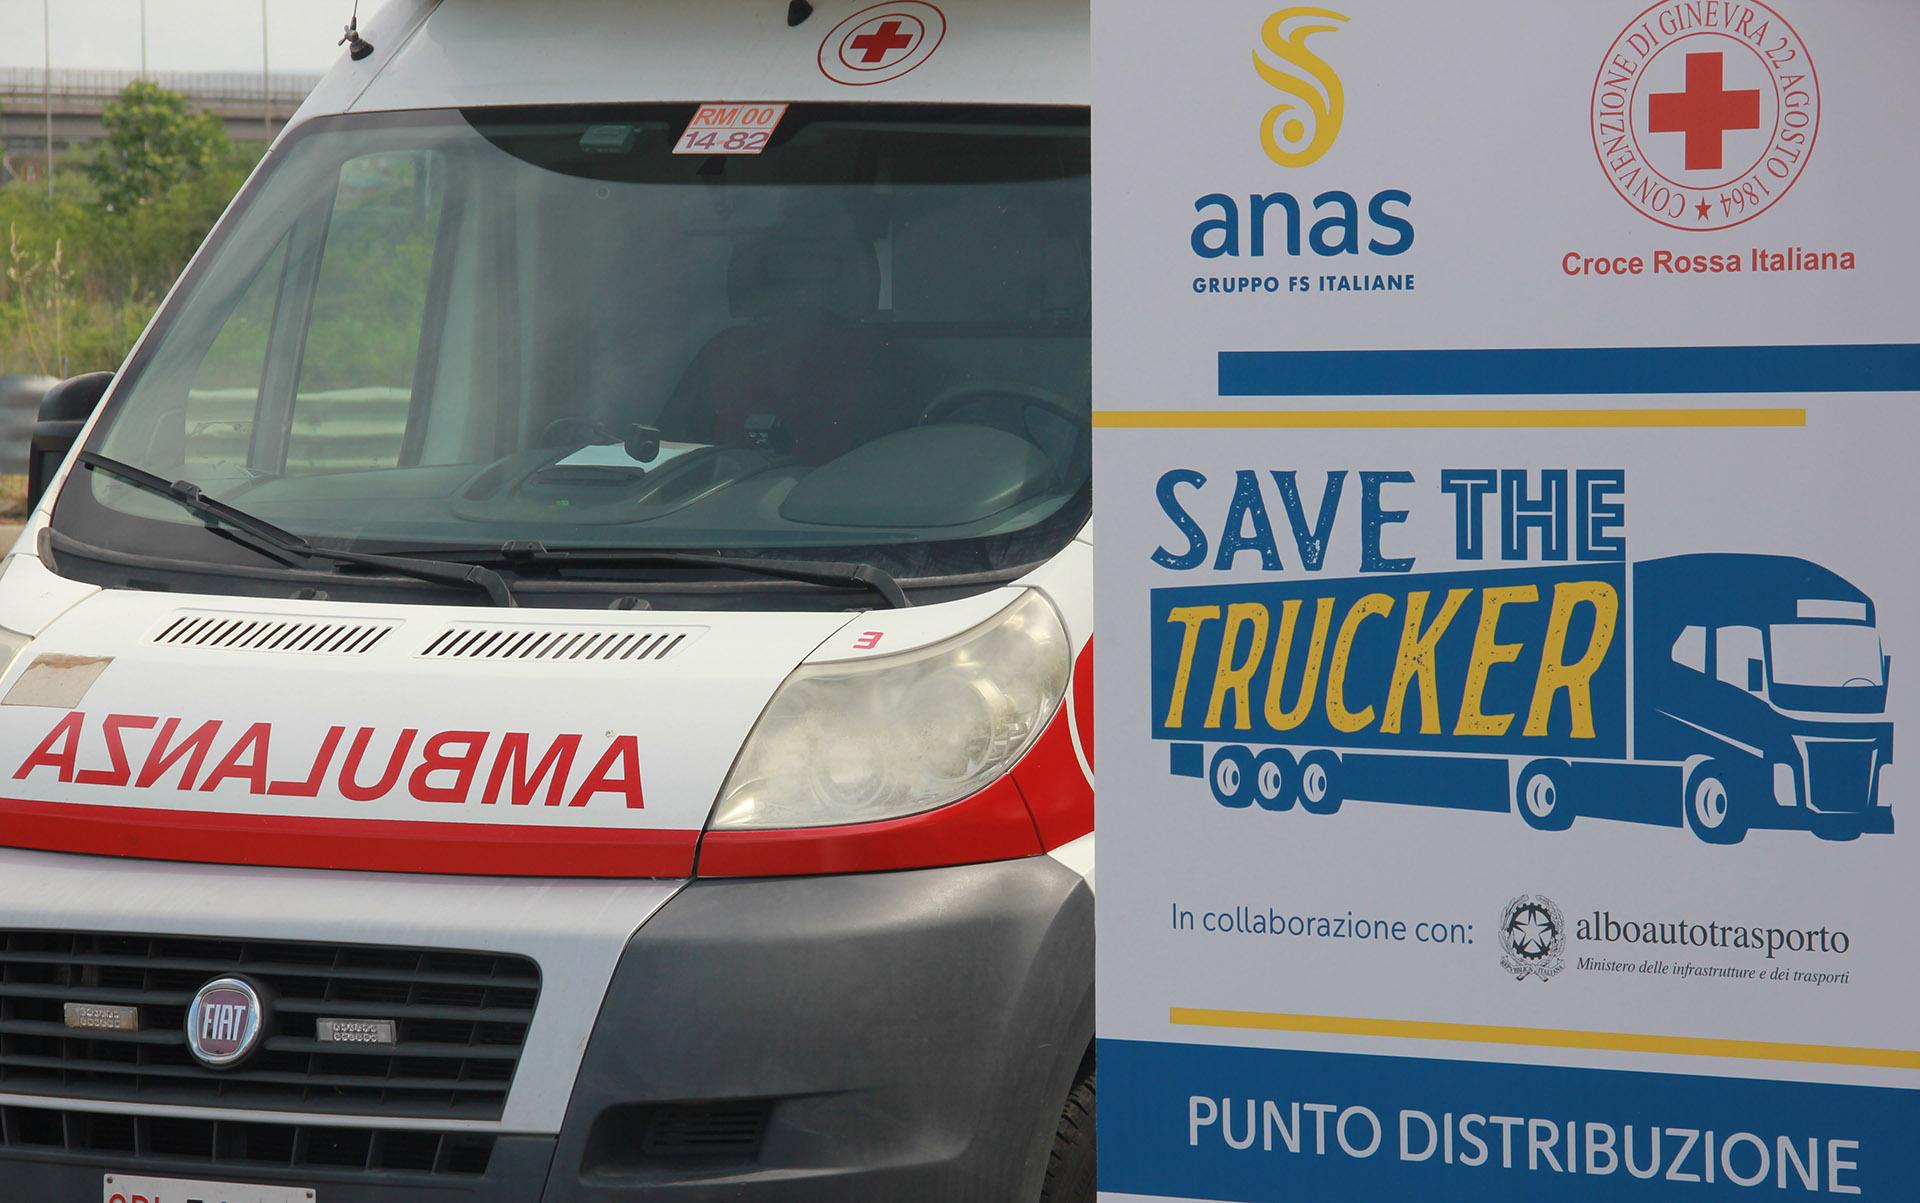 Foto 1: Save The Trucker, Anas e Croce Rossa Italiana insieme per la sicurezza dei viaggiatori